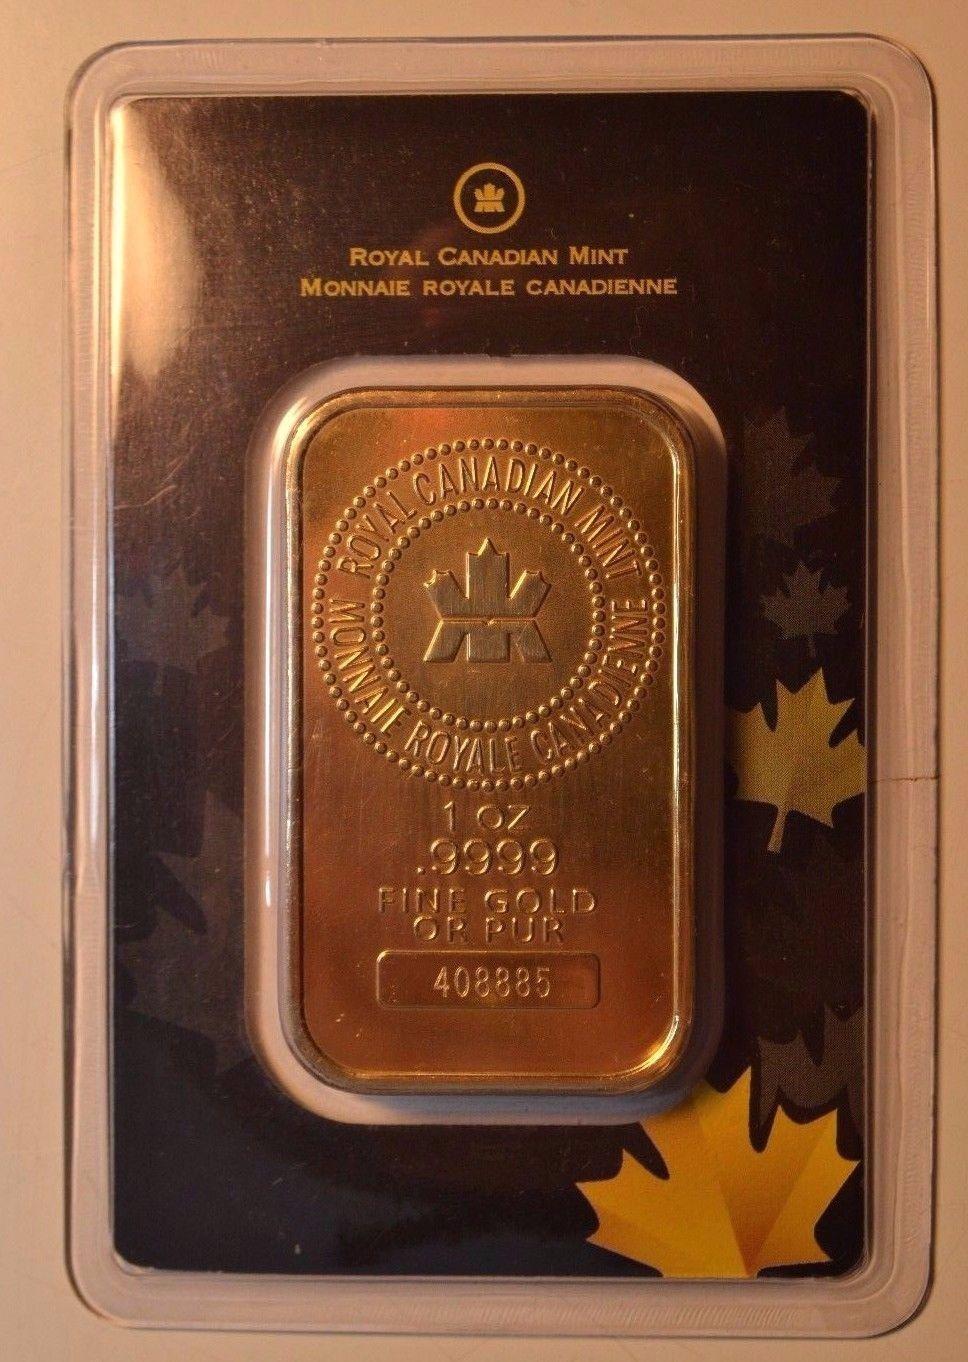 Canada Rcm 1 Oz 9999 Fine Gold Bullion Bar In Tep Packet Goldinvestment Goldbullion Gold Investments Gold Bullion Bars Gold